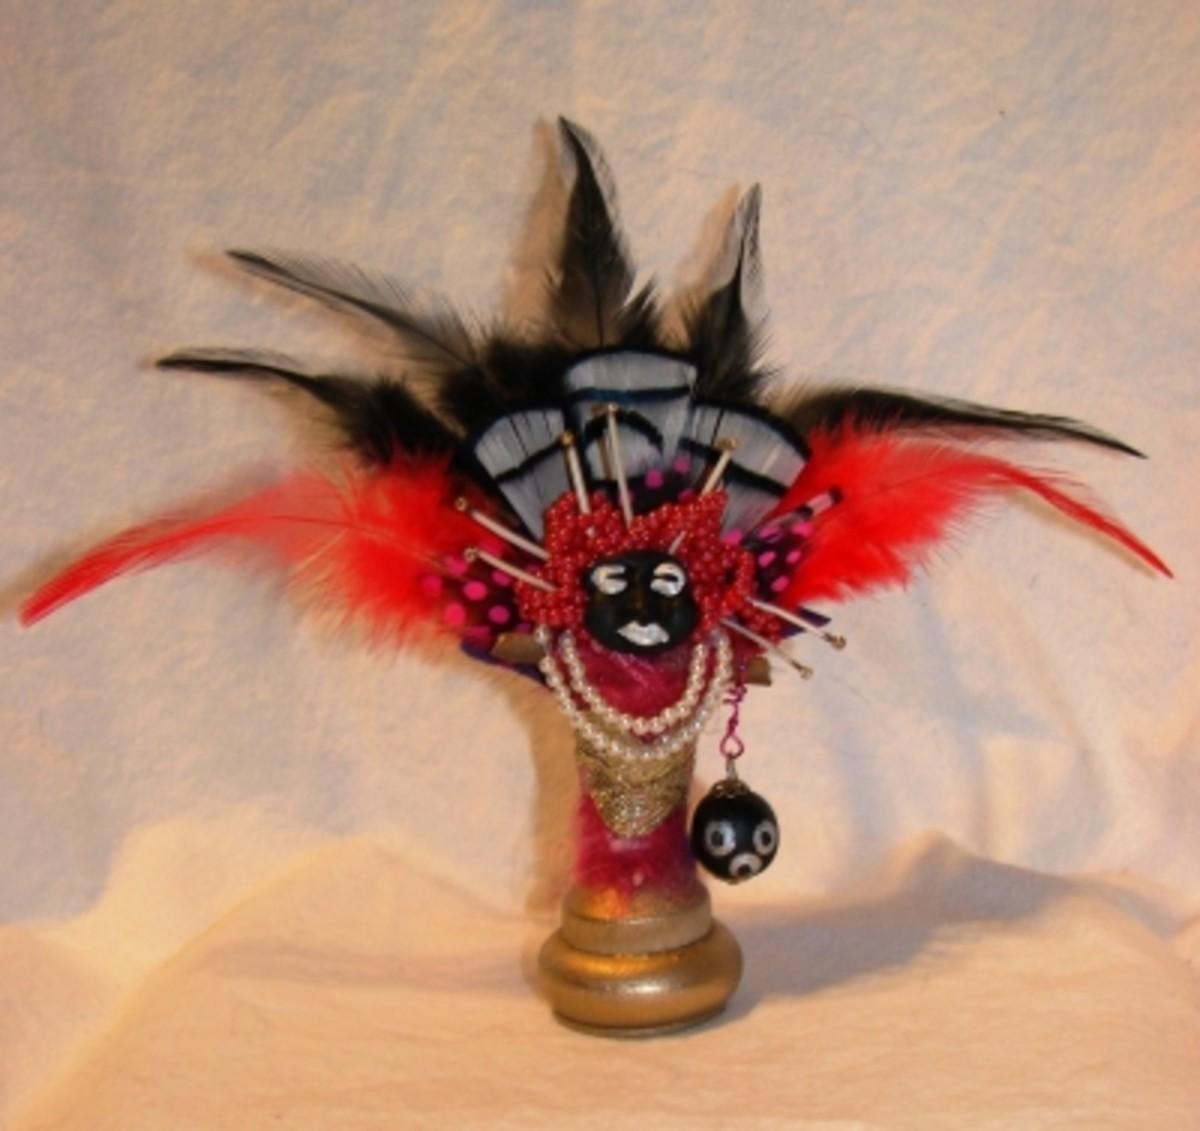 Zulu Carnival Voodoo Doll